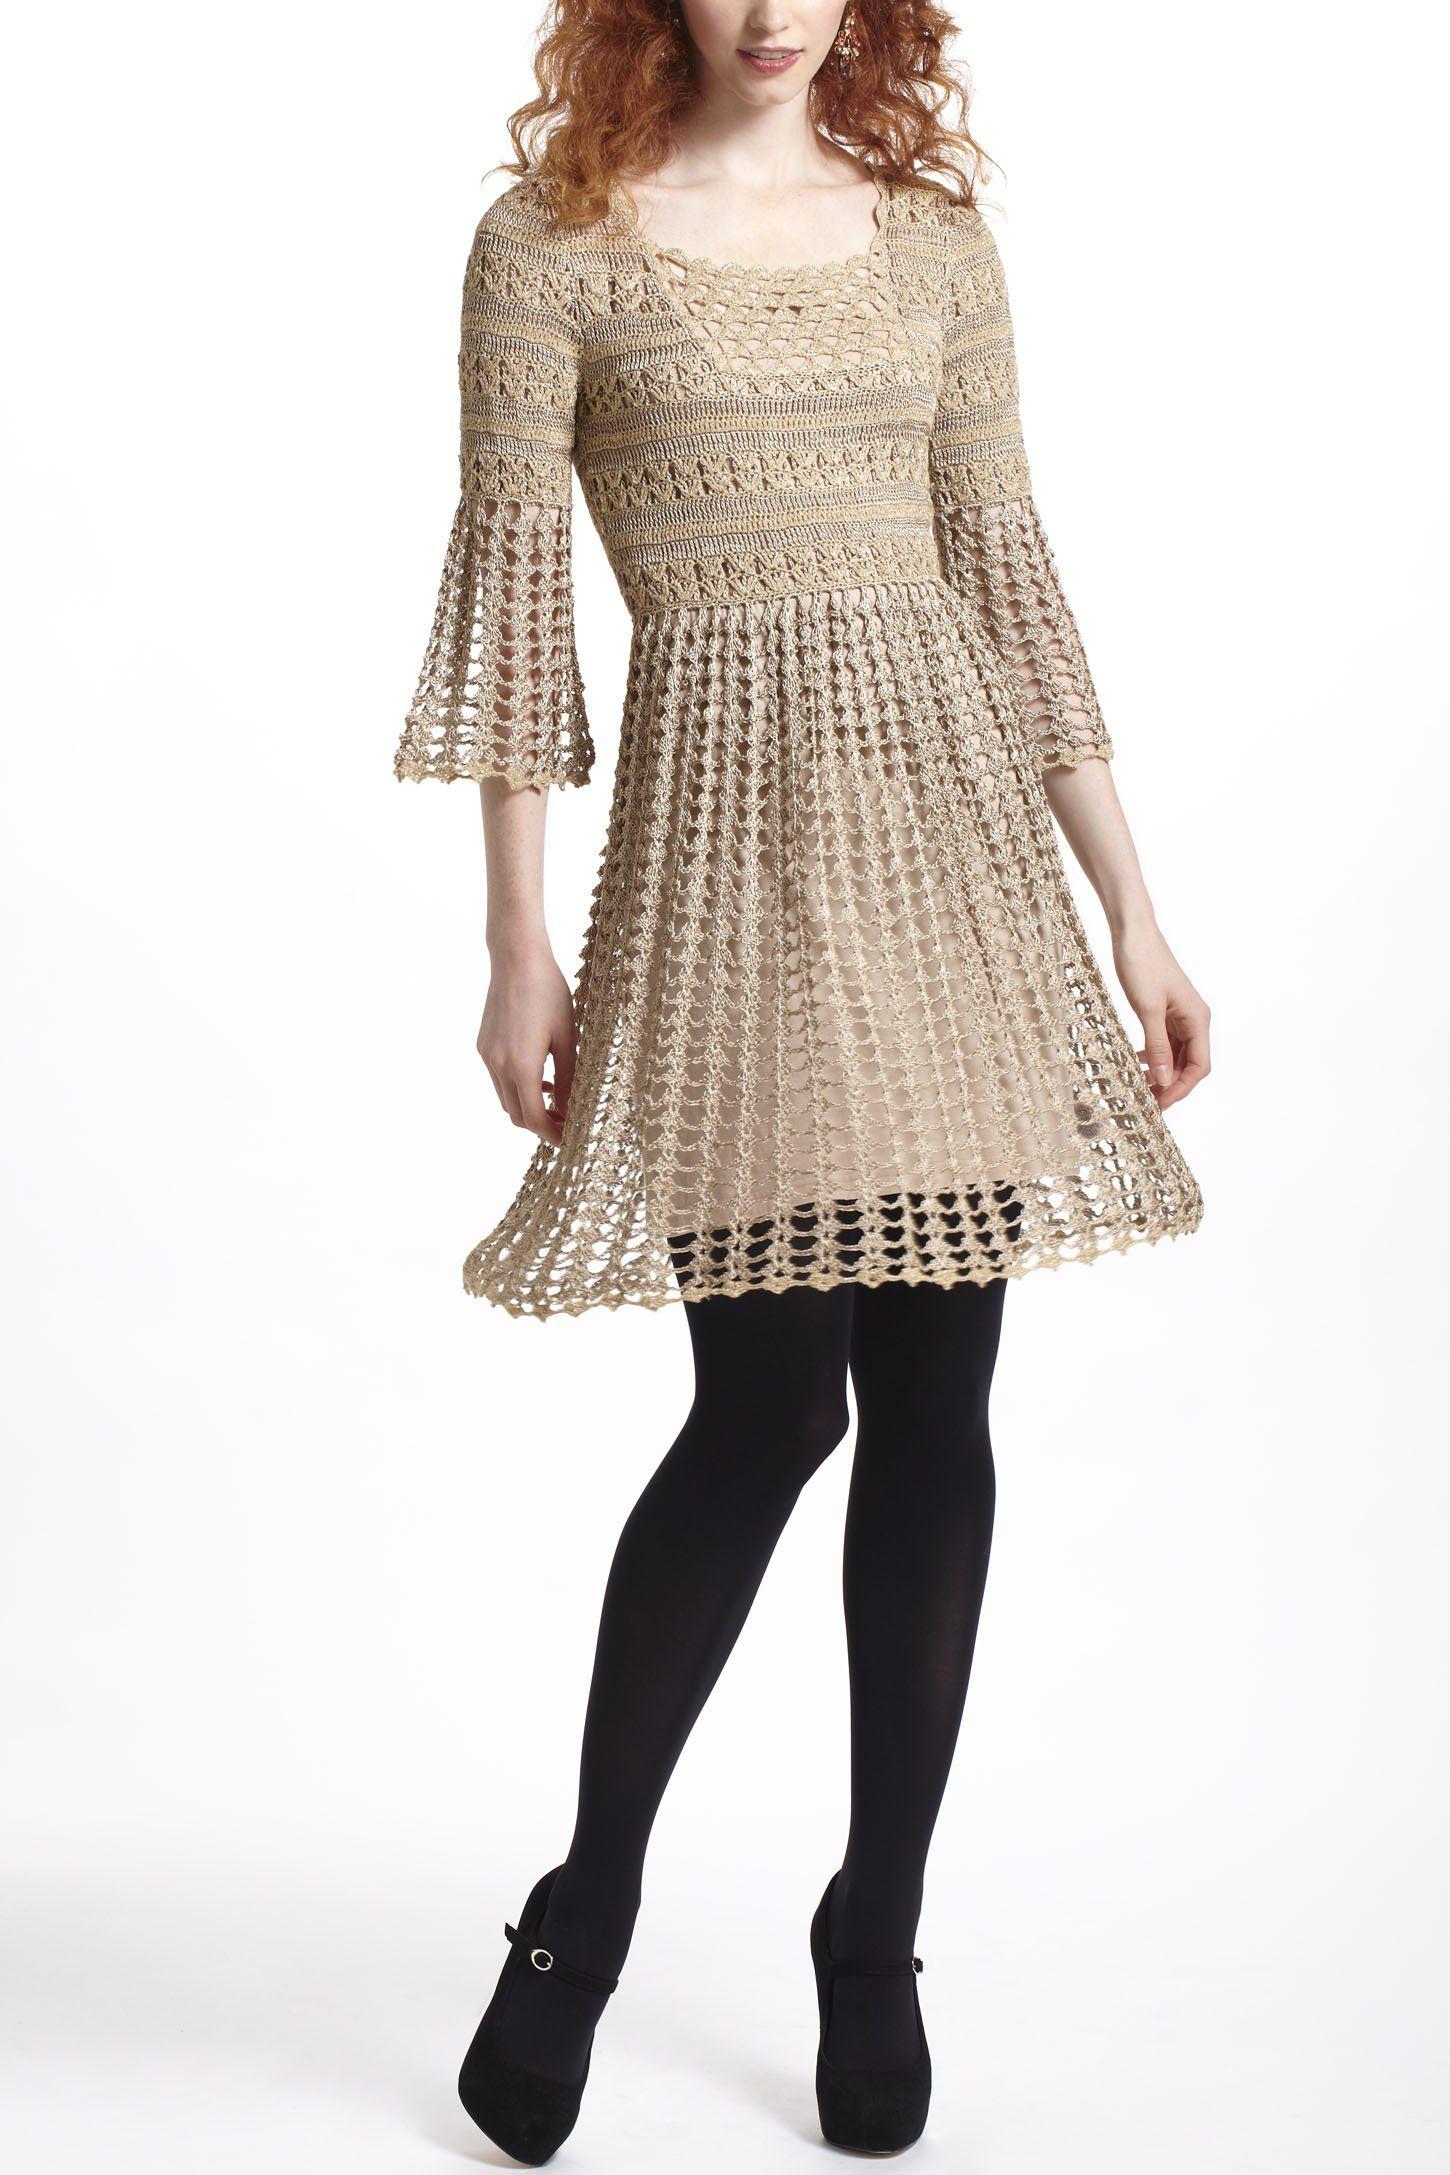 Shimmered Crochet Dress - Anthropologie.com